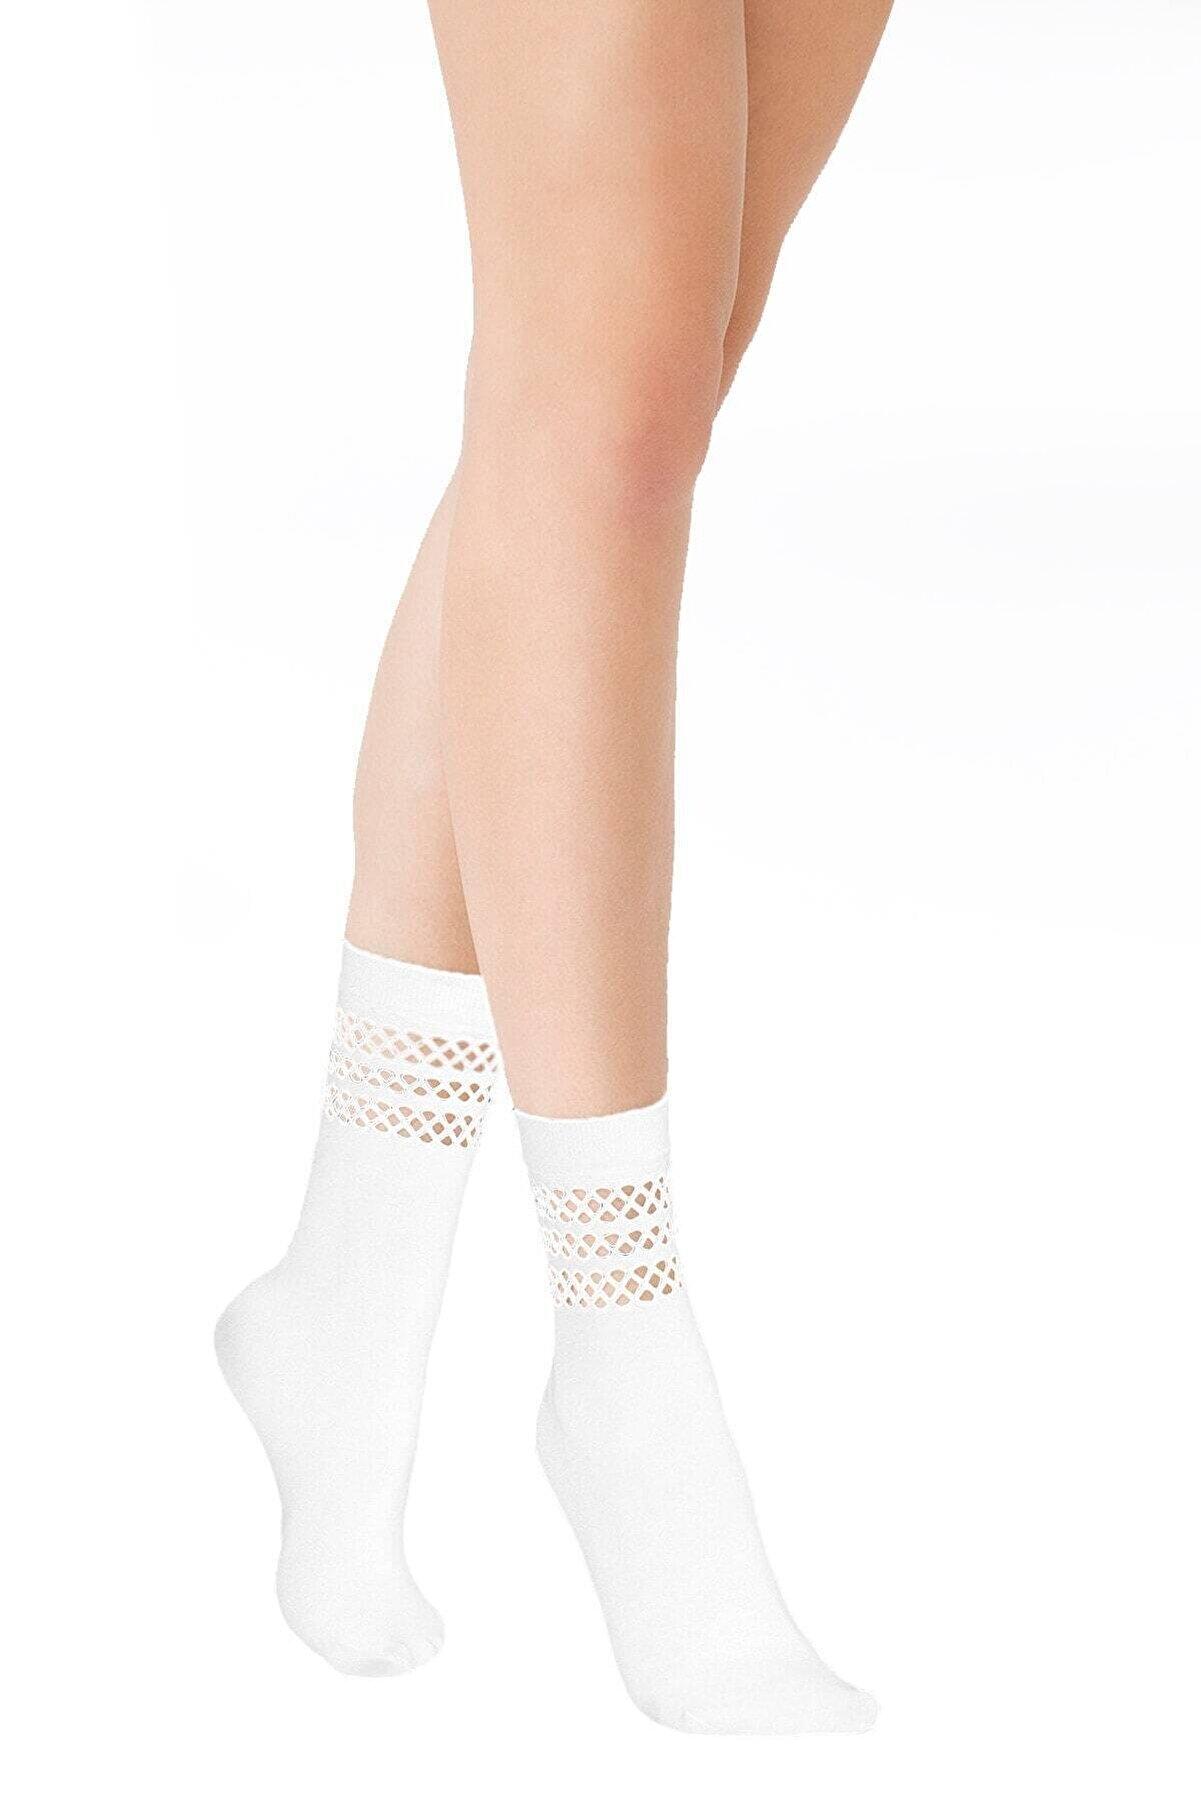 EMINNA Kadın Beyaz File Soket Çorap